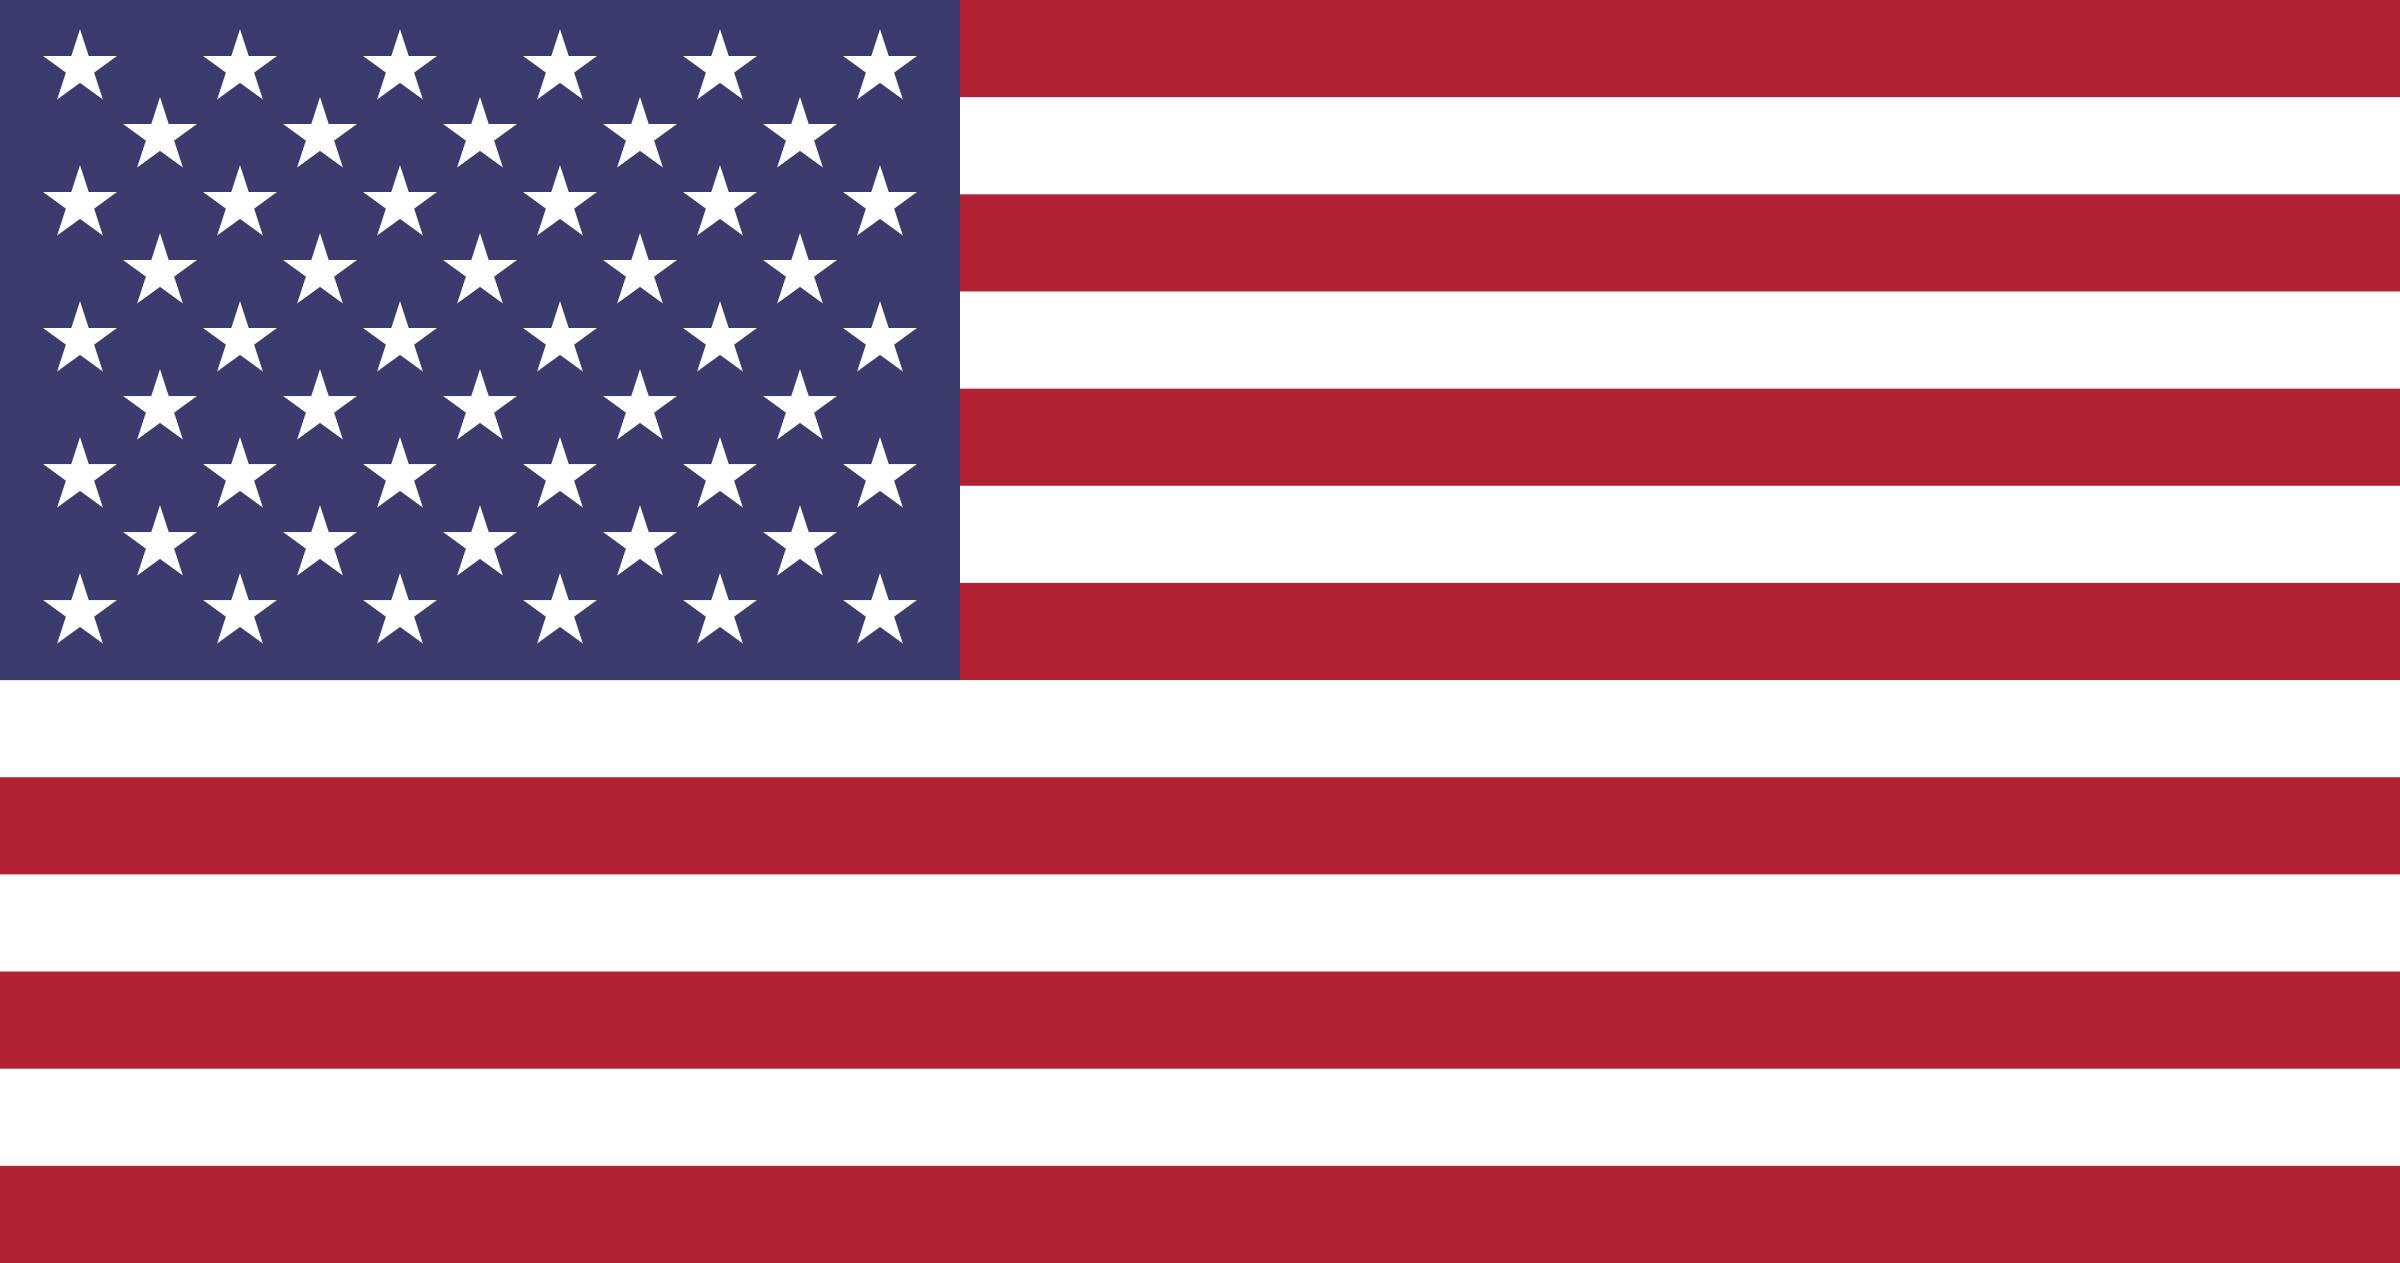 bandeira-dos-estados-unidos-eua-1